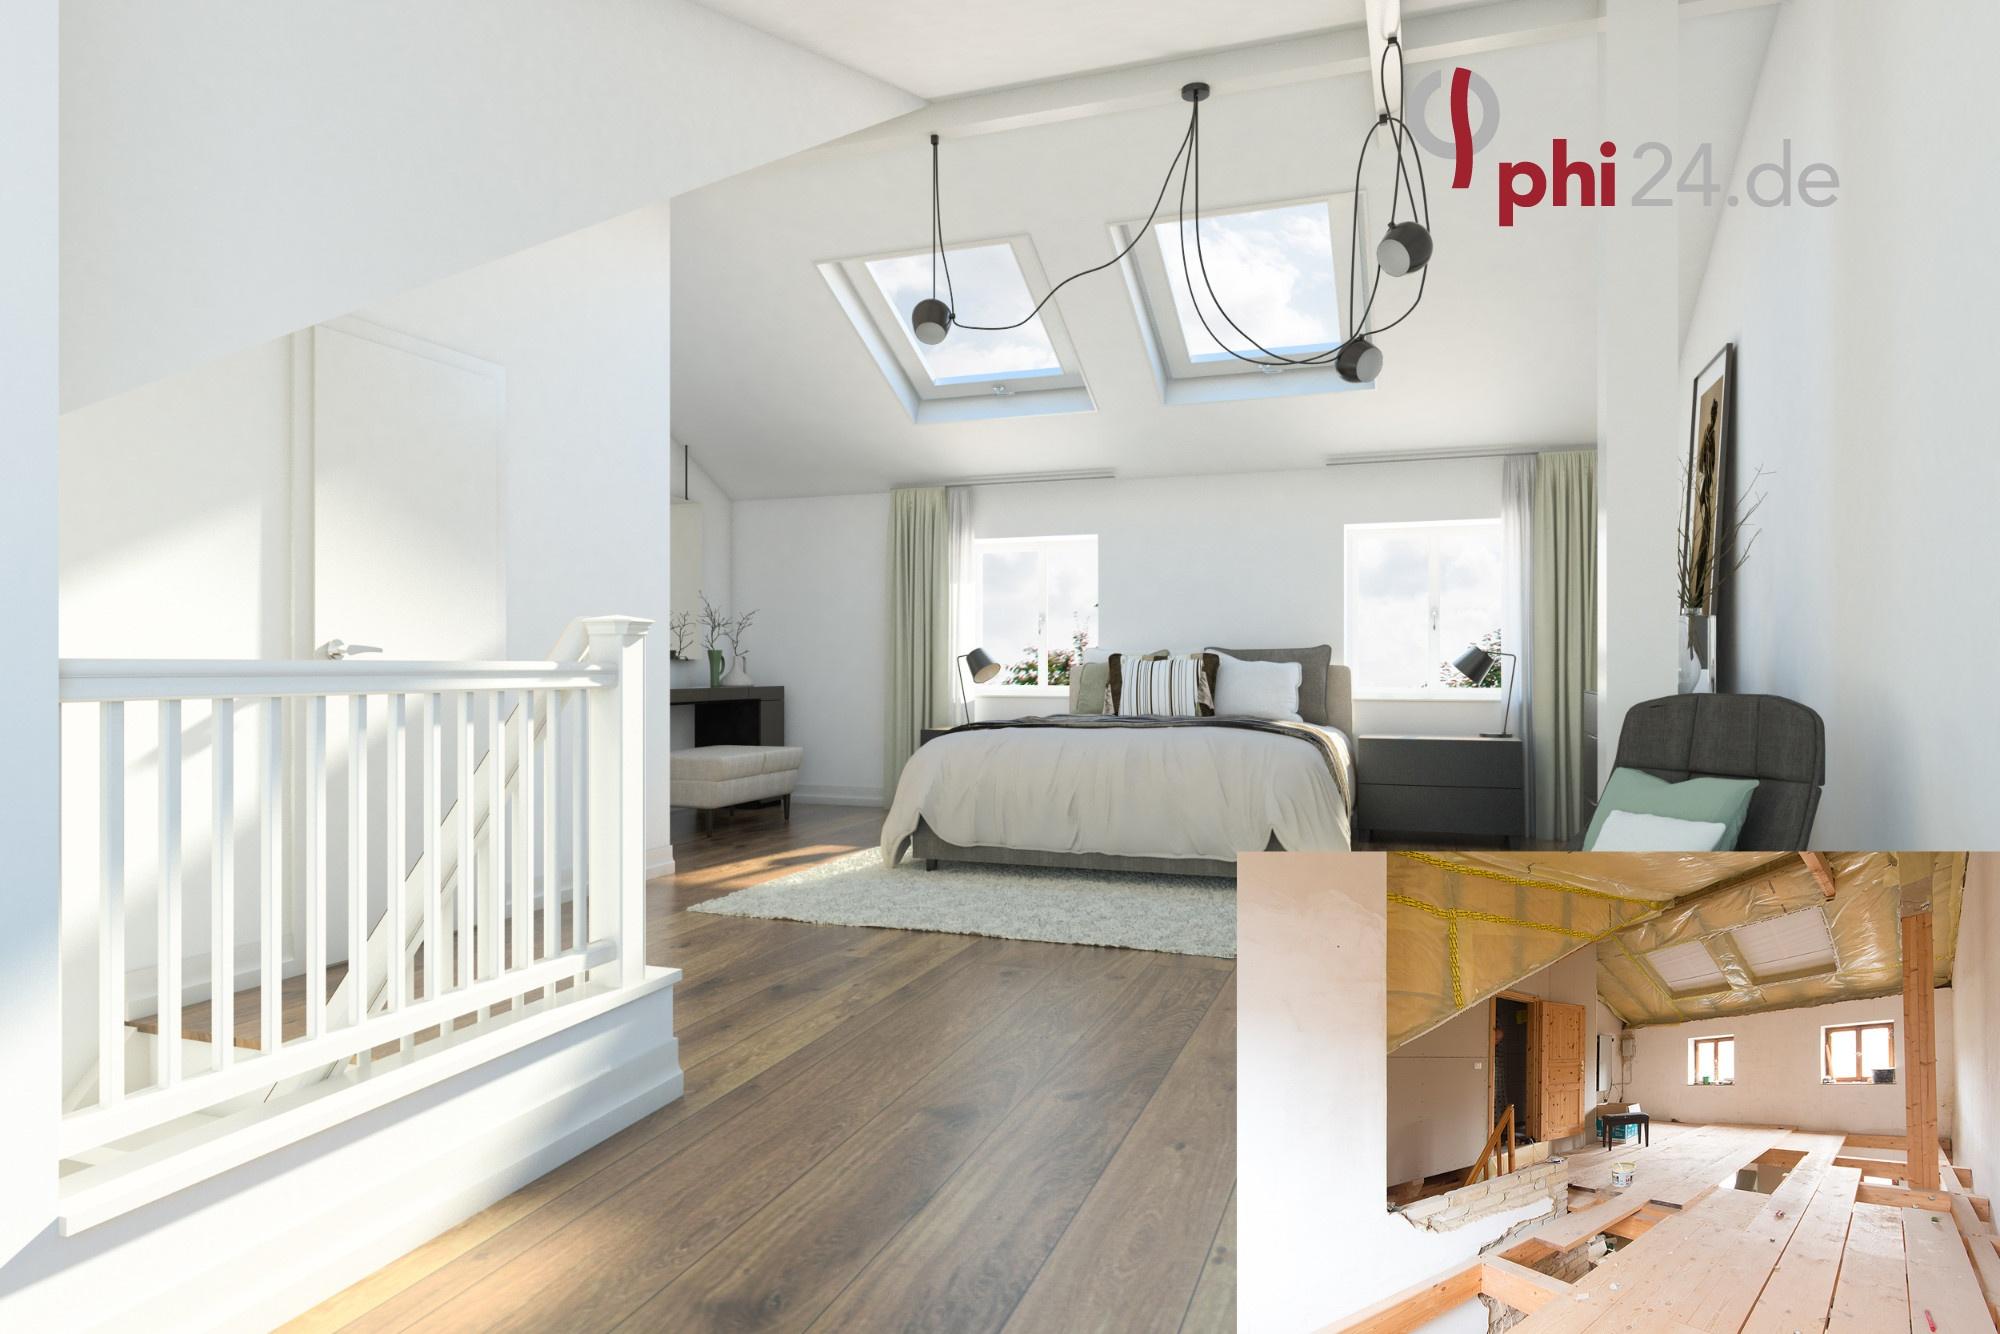 Immobilienmakler Titz Reihenhaus referenzen mit Immobilienbewertung